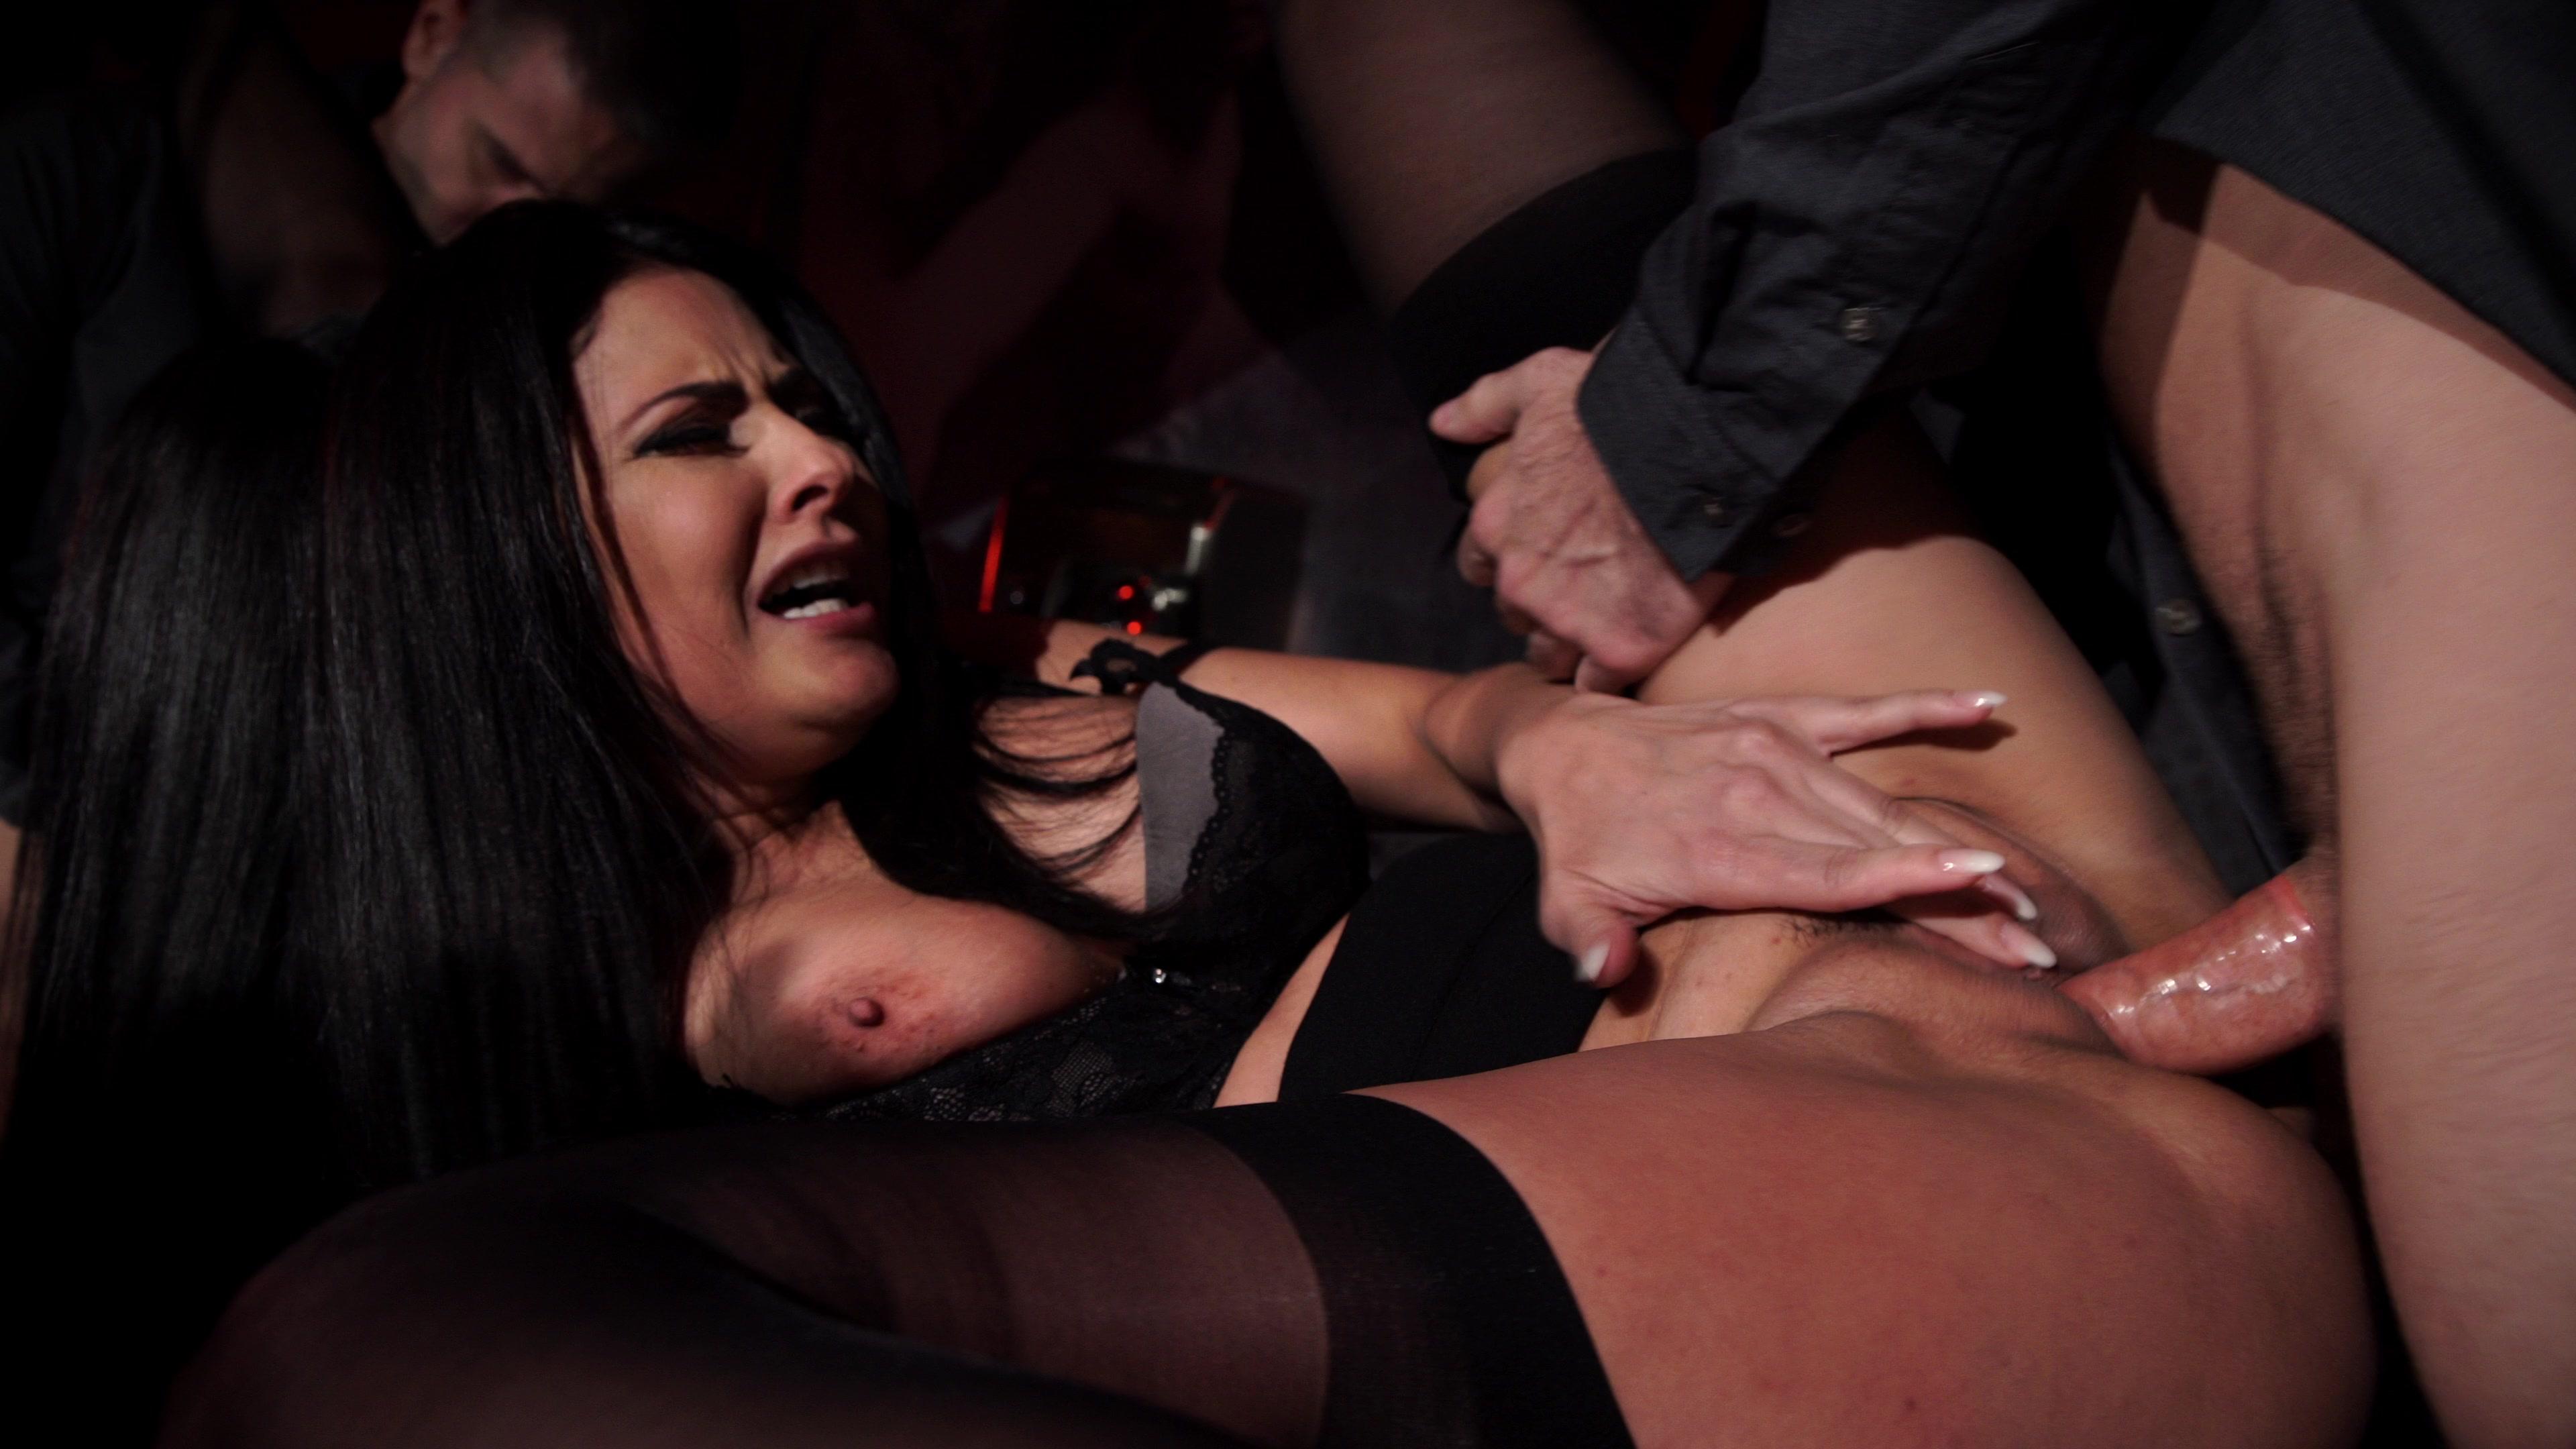 моим спасителем дорсель клуб порно красивая брюнетка делает минет любит